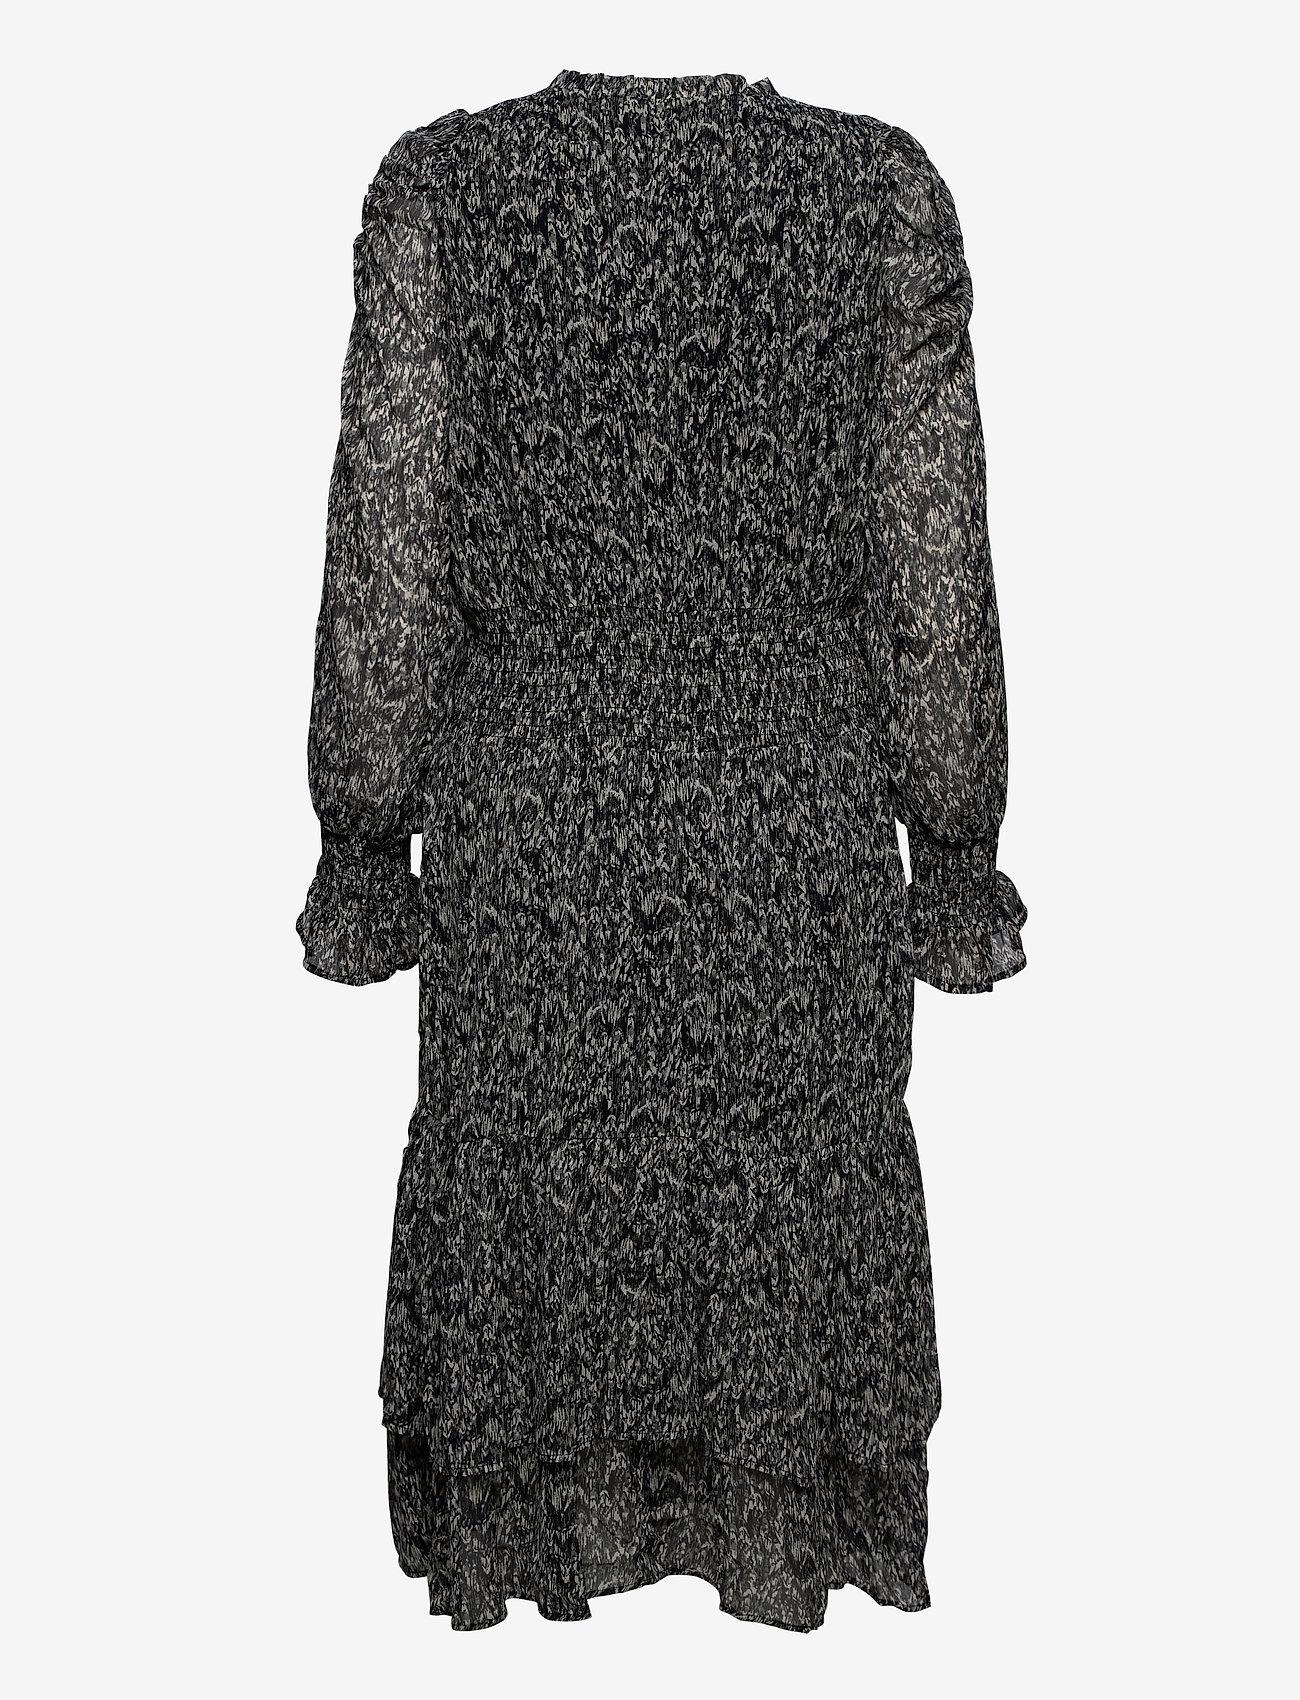 Sofie Schnoor - Dress - sommerkjoler - black - 1